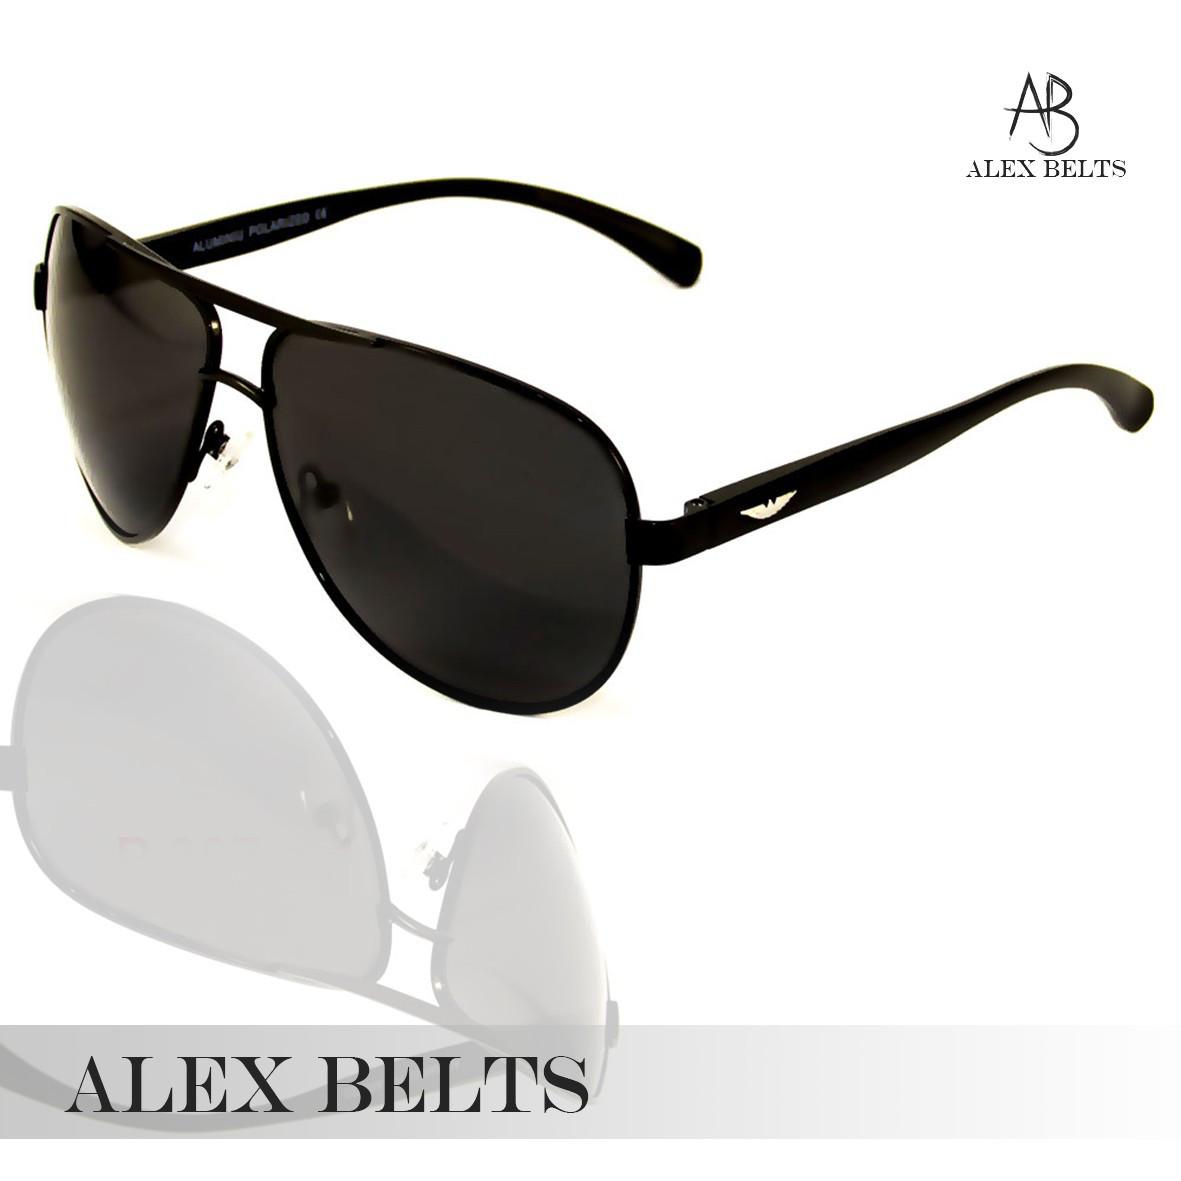 POLAR ALUMINIU Мужские солнцезащитные очки-купить оптом в Одессе ... b1883c9c758